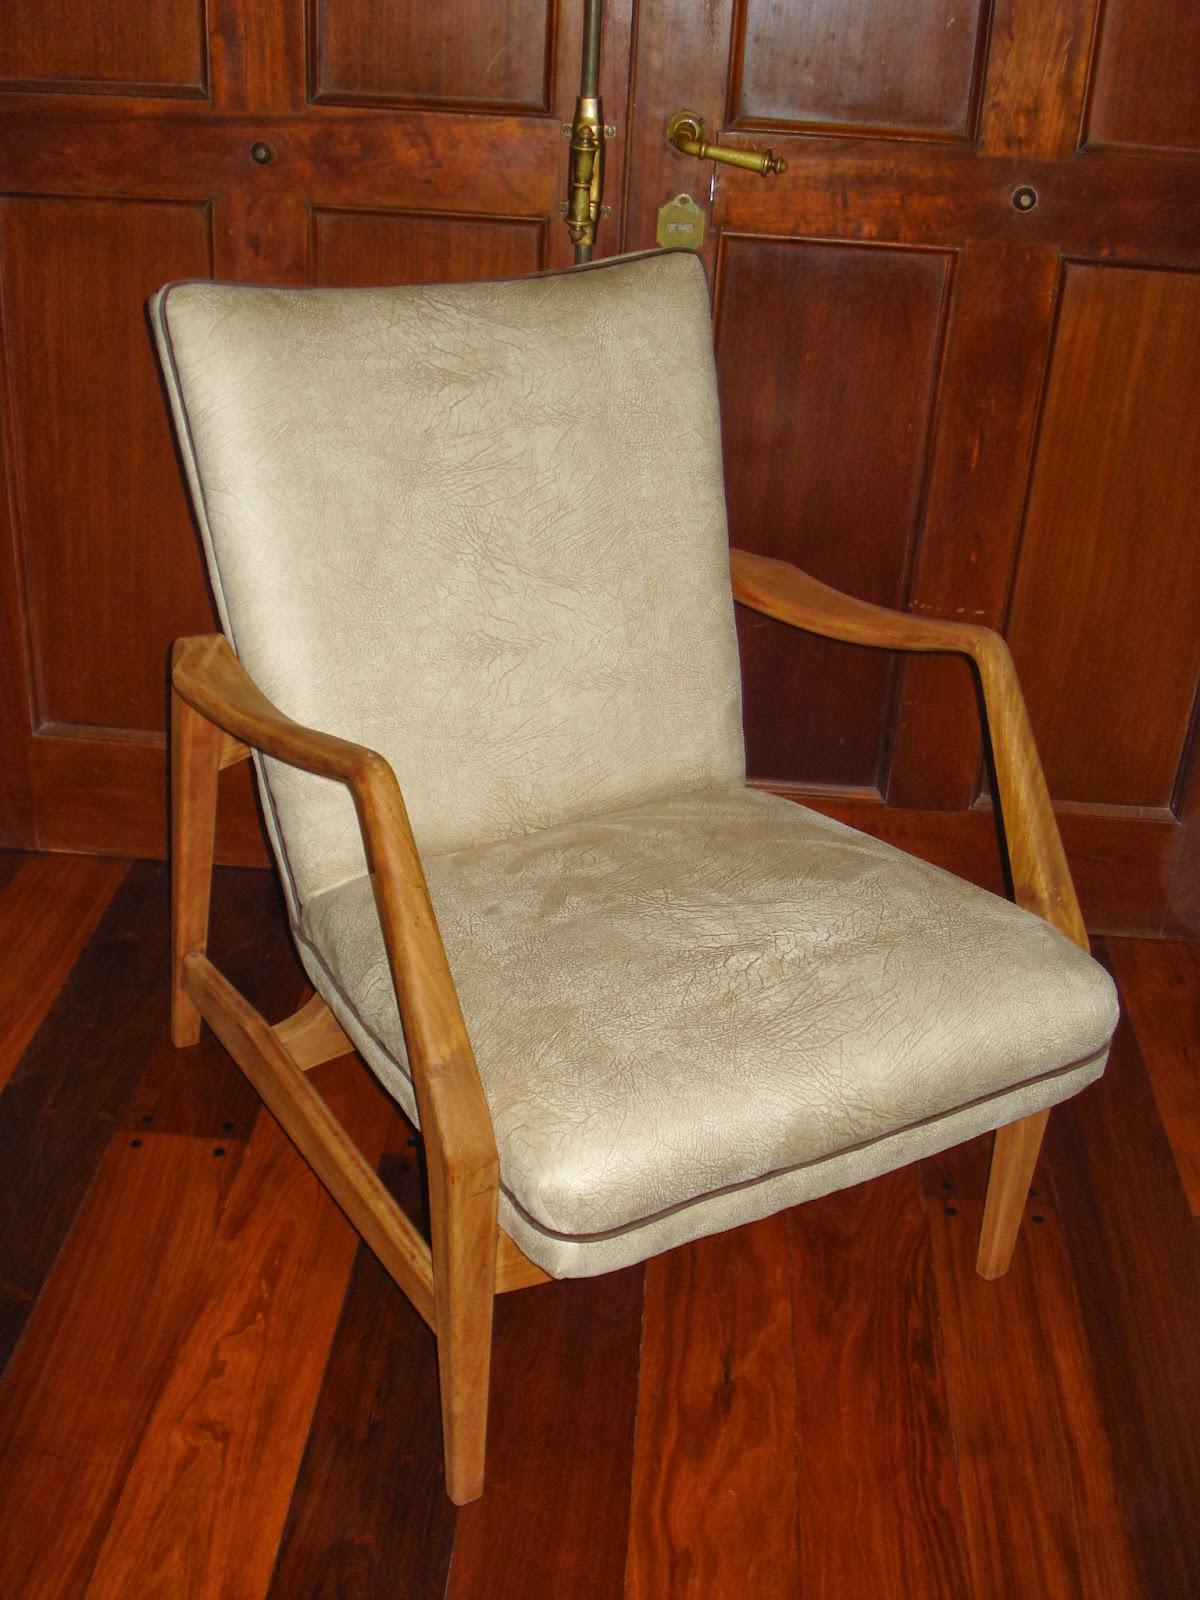 Chochiloca reciclado de muebles marzo 2014 for Reciclado de muebles